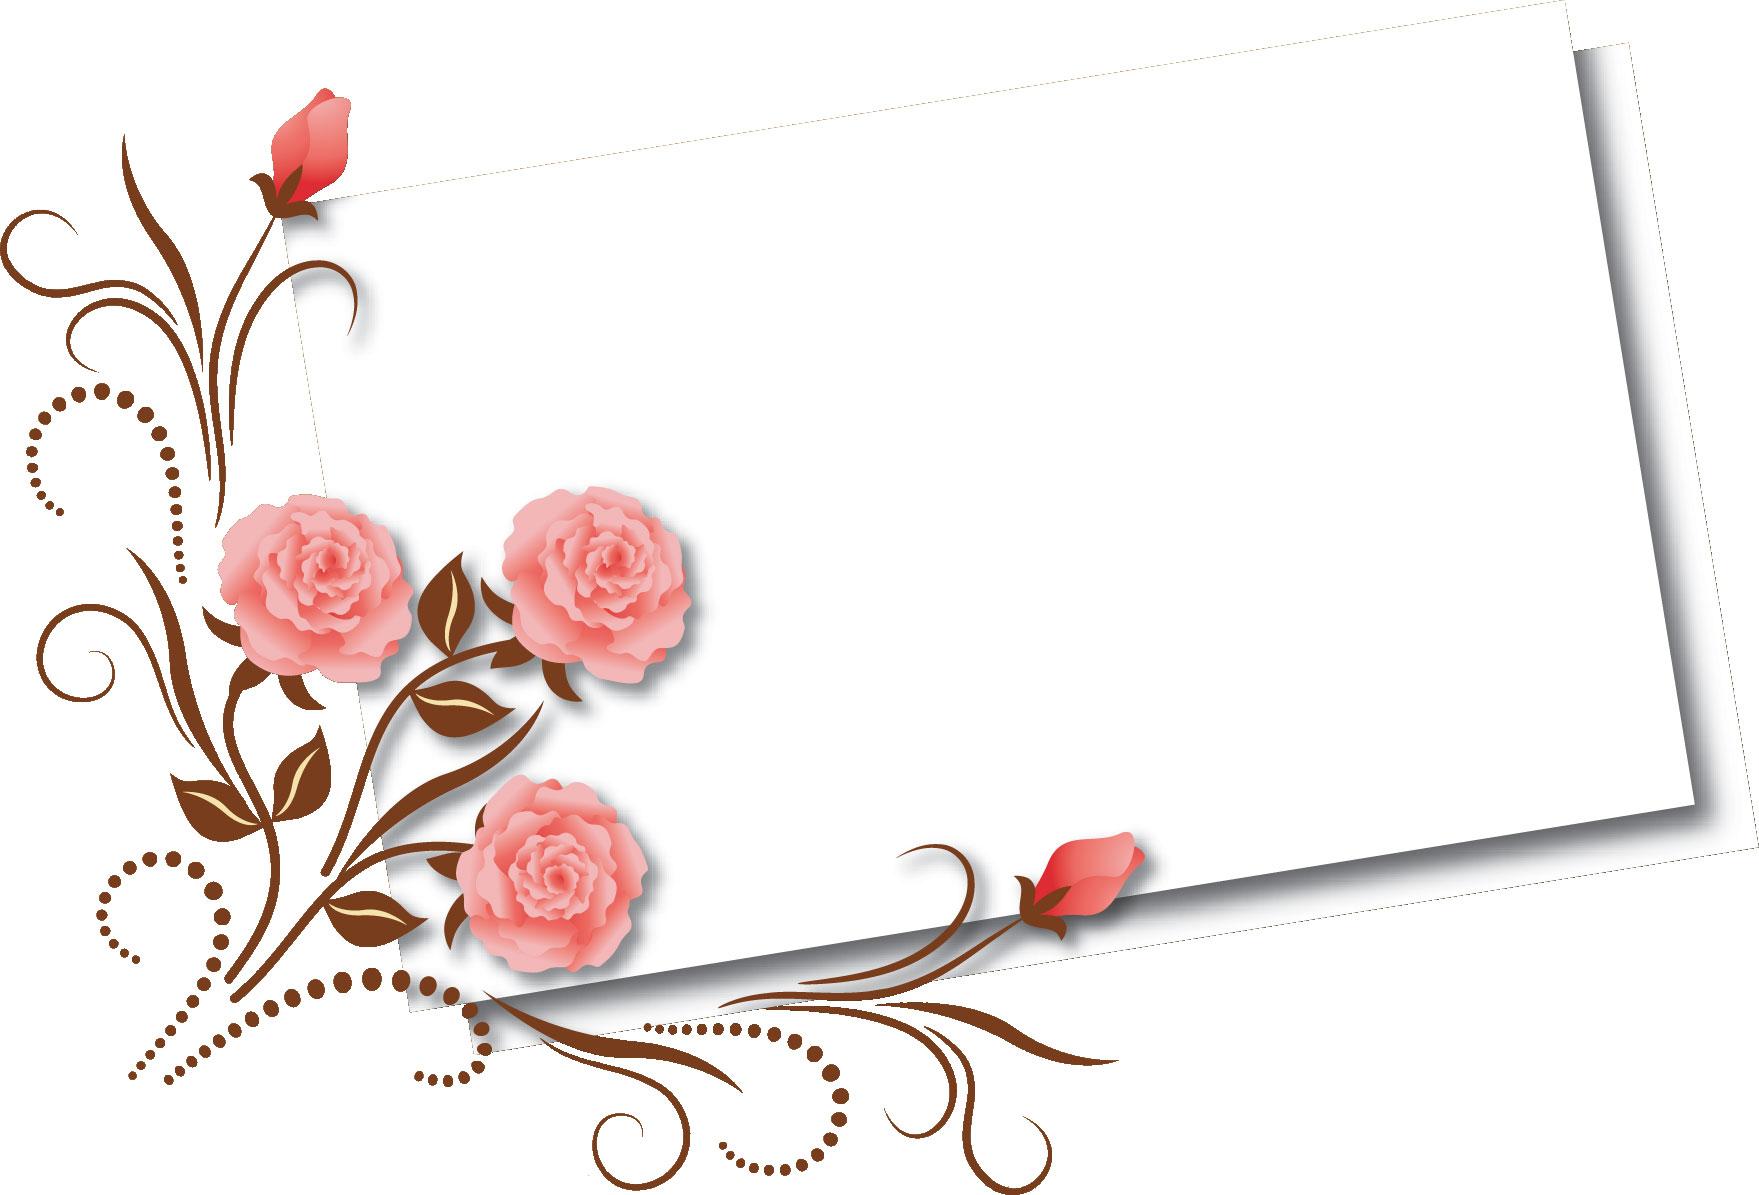 花のイラスト・フリー素材 ... : カード 無料 素材 : カード